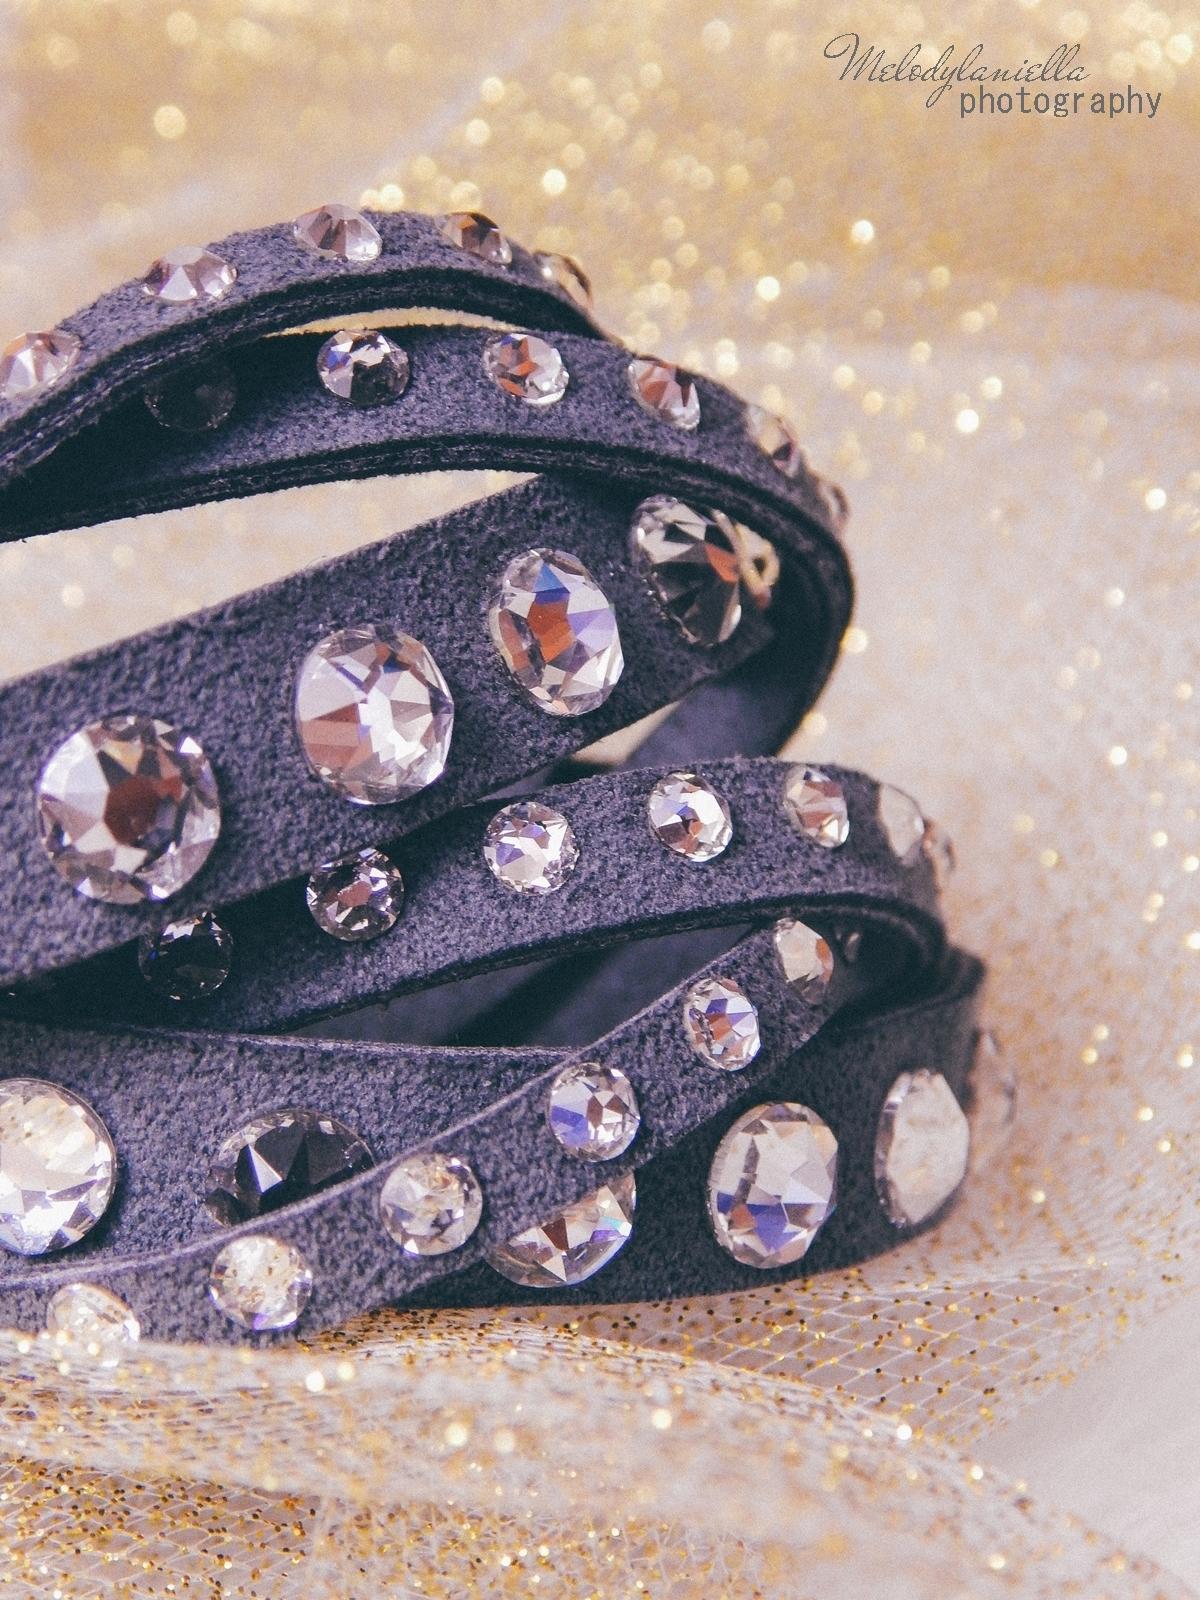 11 biżuteria M piotrowski recenzje kryształy swarovski przegląd opinie recenzje jak dobrać biżuterie modna biżuteria stylowe dodatki kryształy bransoletka z kokardką naszyjnik z kokardą złoto srebro fashion